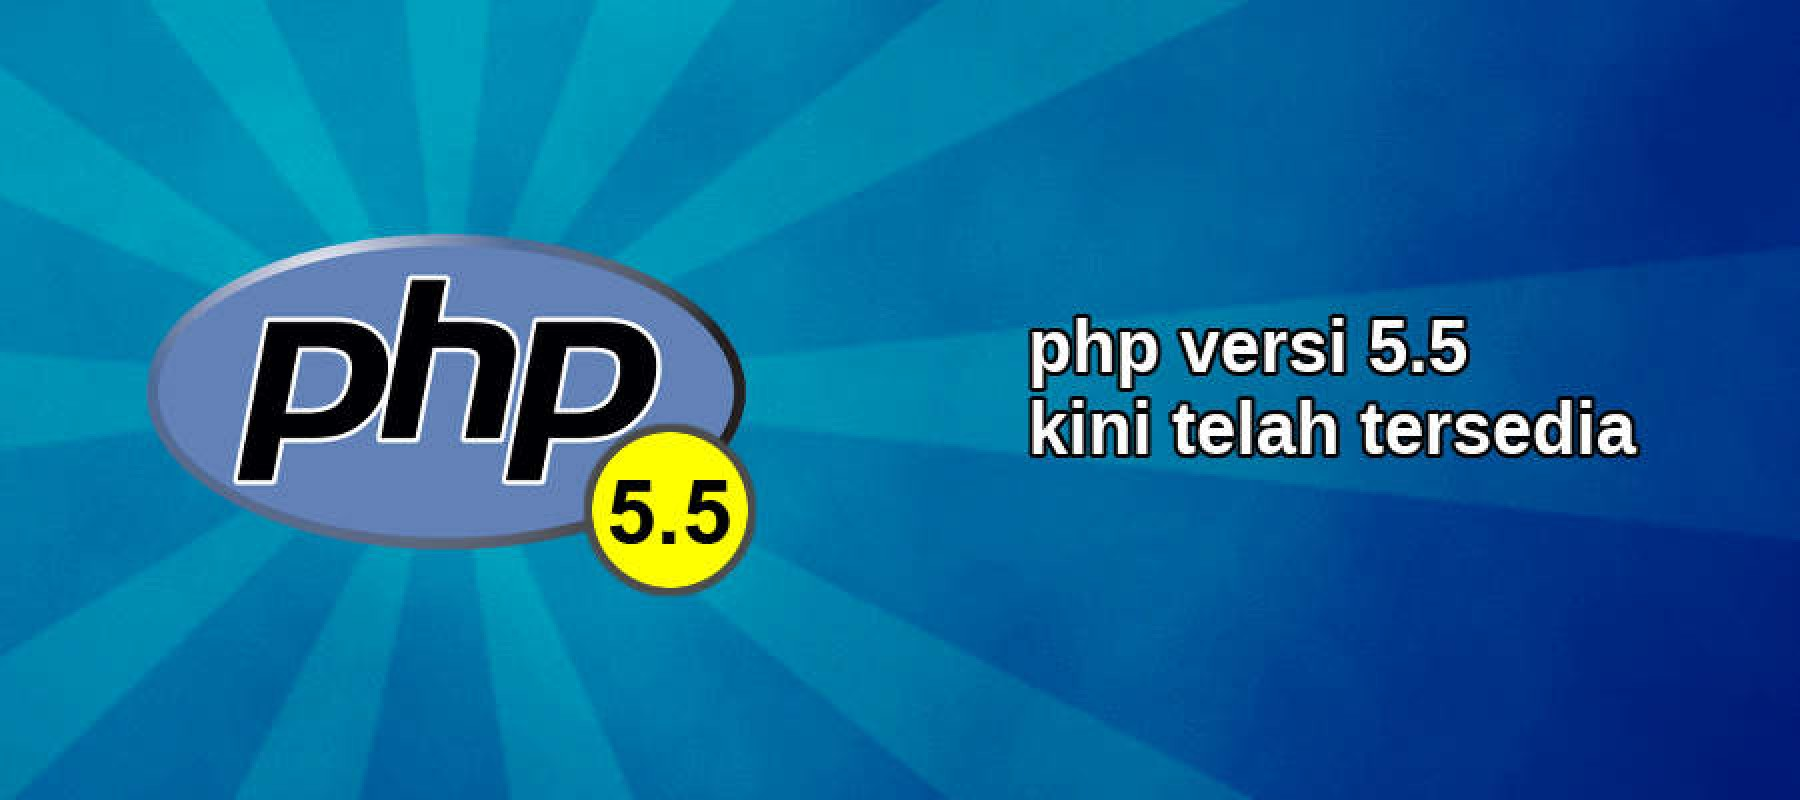 PHP versi 5.5 kini telah tersedia